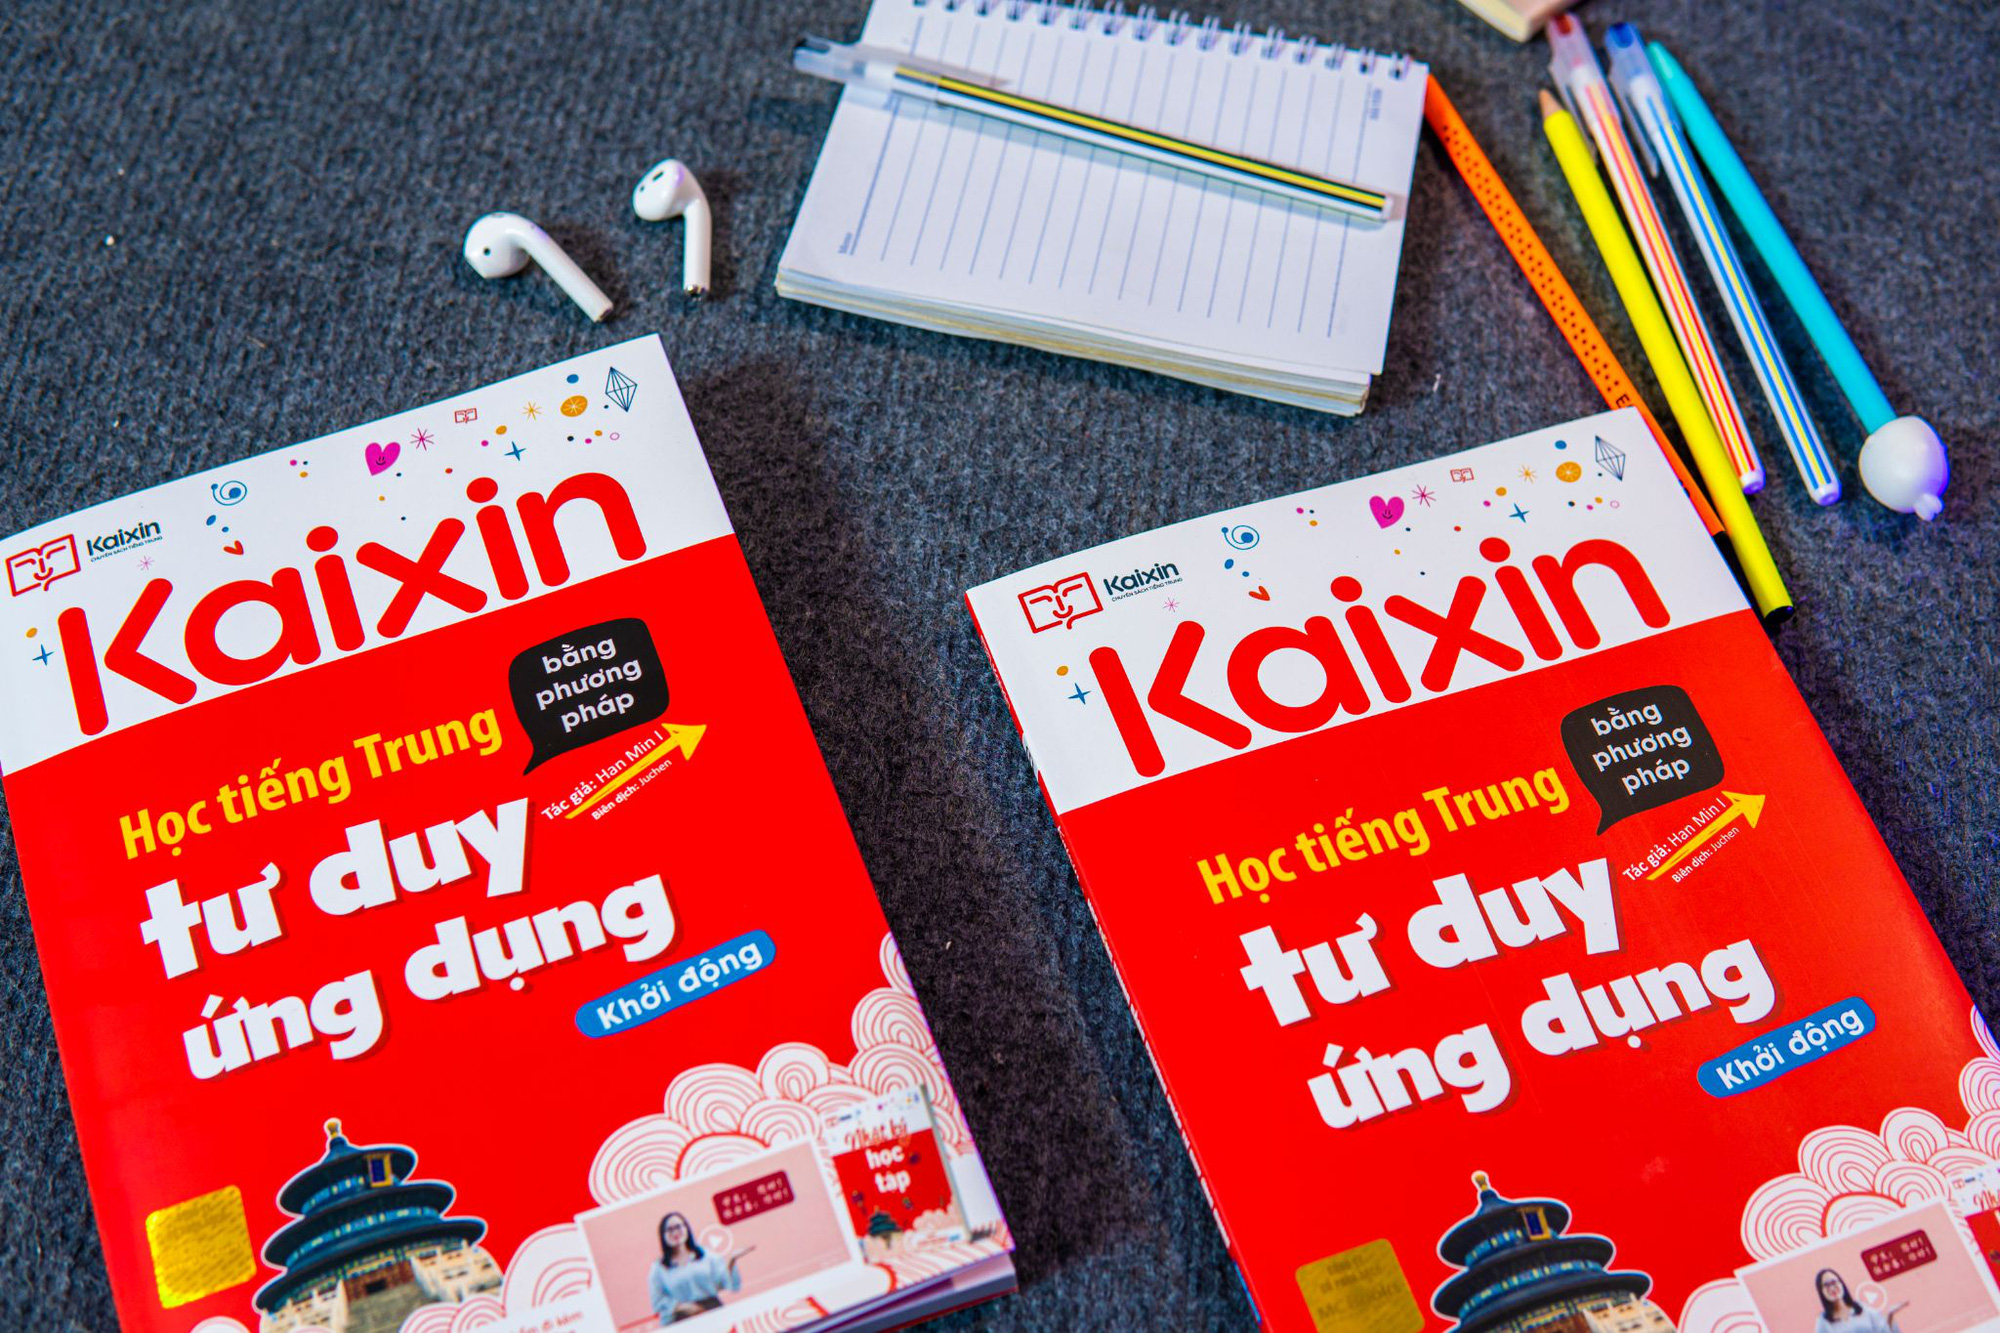 Khóa học tiếng Trung giao tiếp Kaixin: Vũ khí vạn năng dành cho người mới bắt đầu - Ảnh 4.